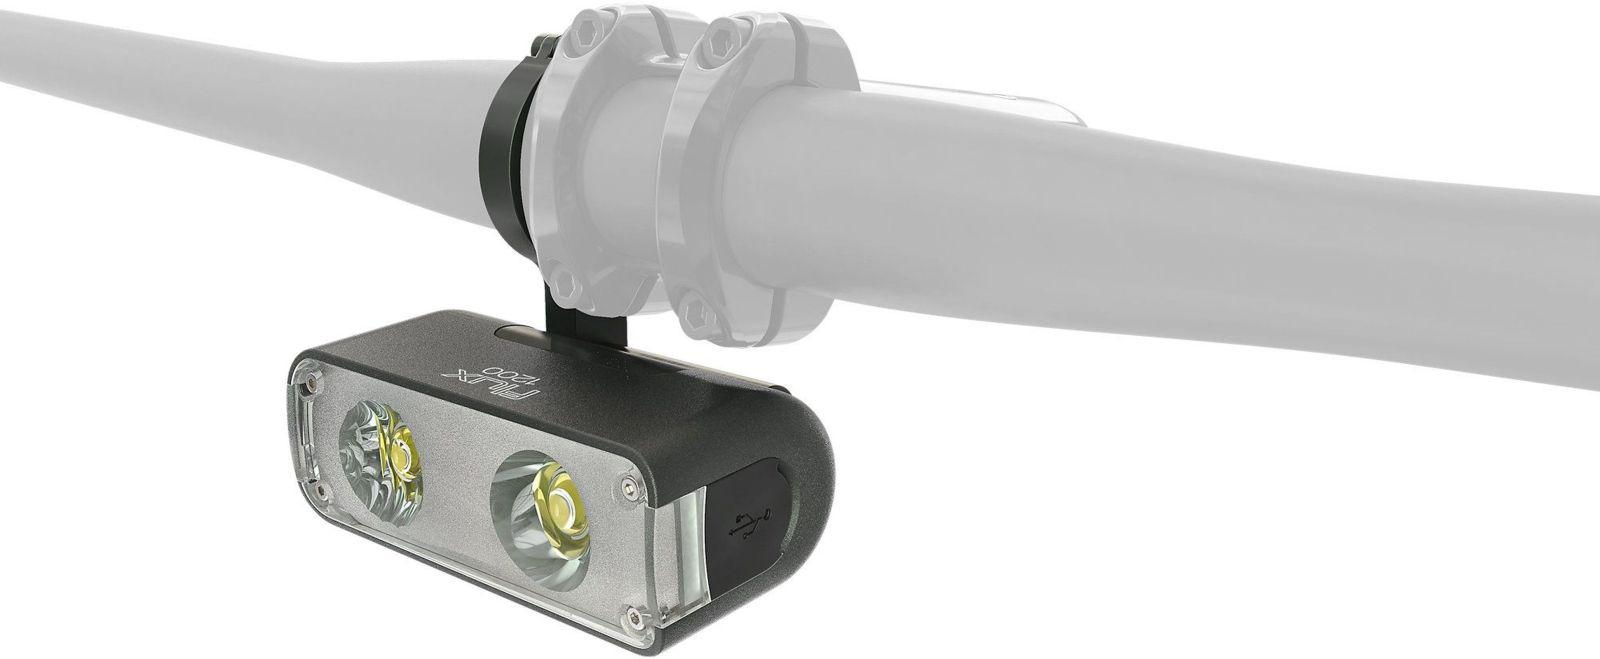 Specialized Flux 1200 Headlight uni